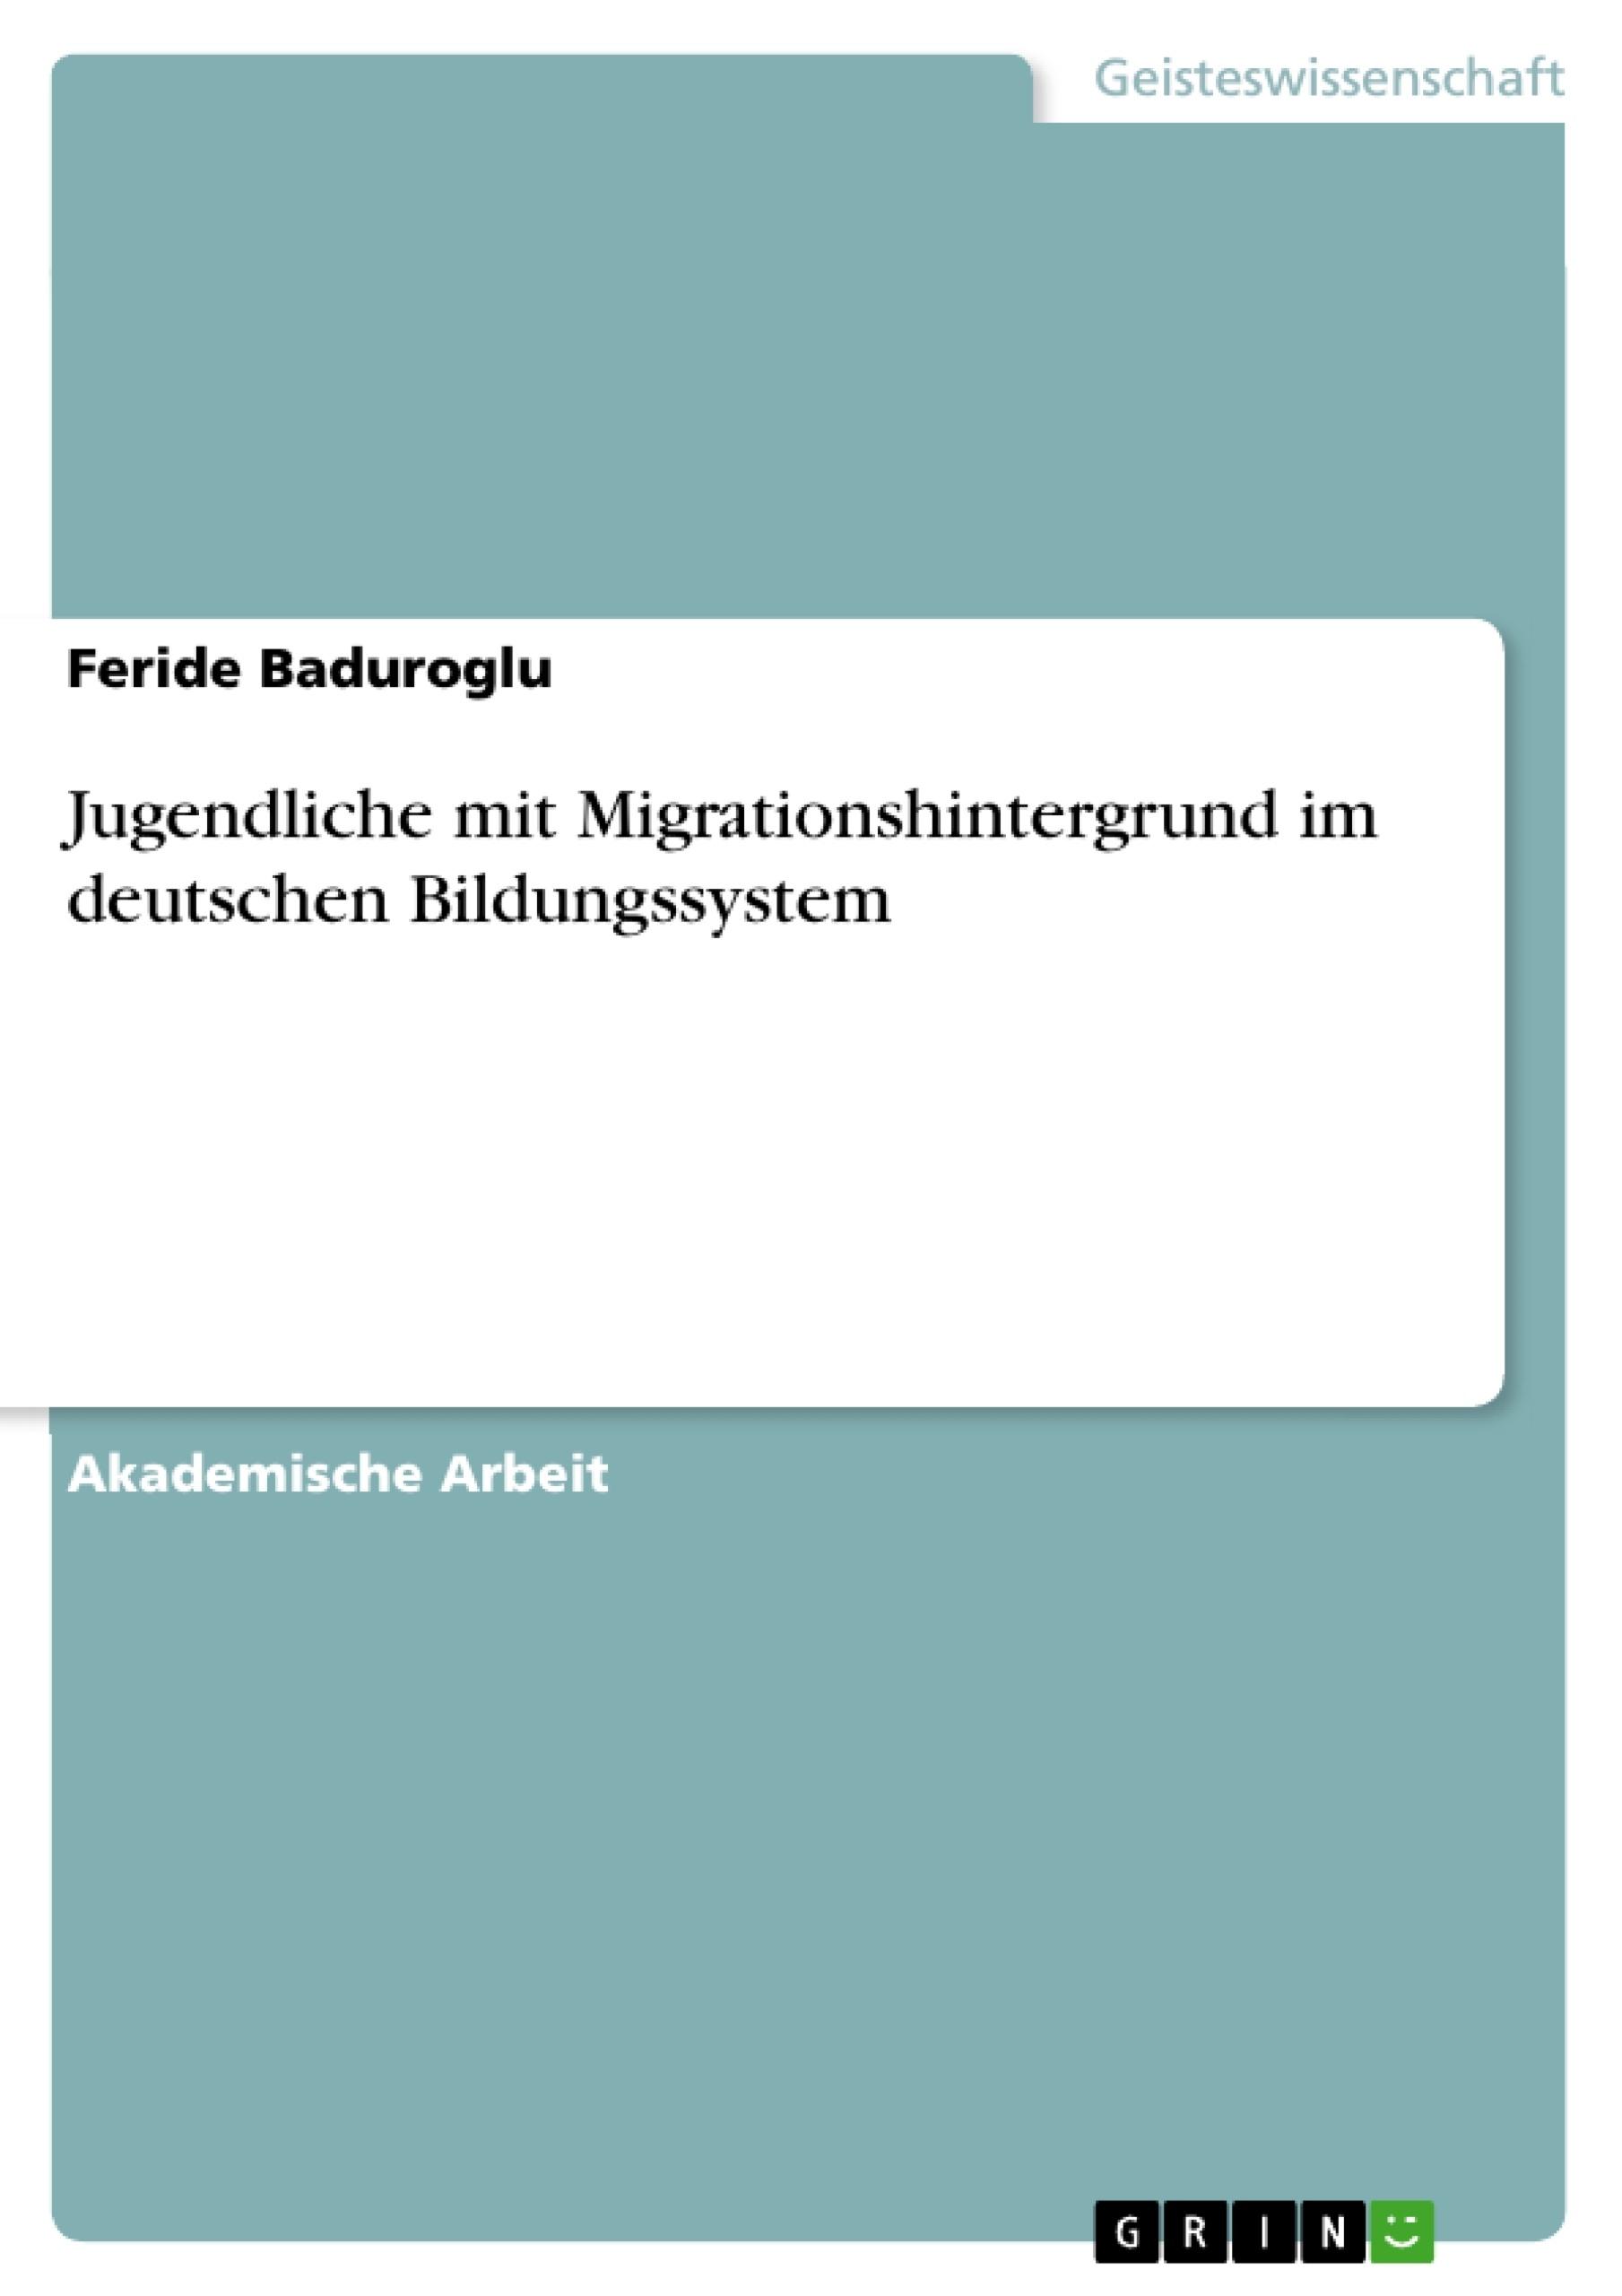 Titel: Jugendliche mit Migrationshintergrund im deutschen Bildungssystem